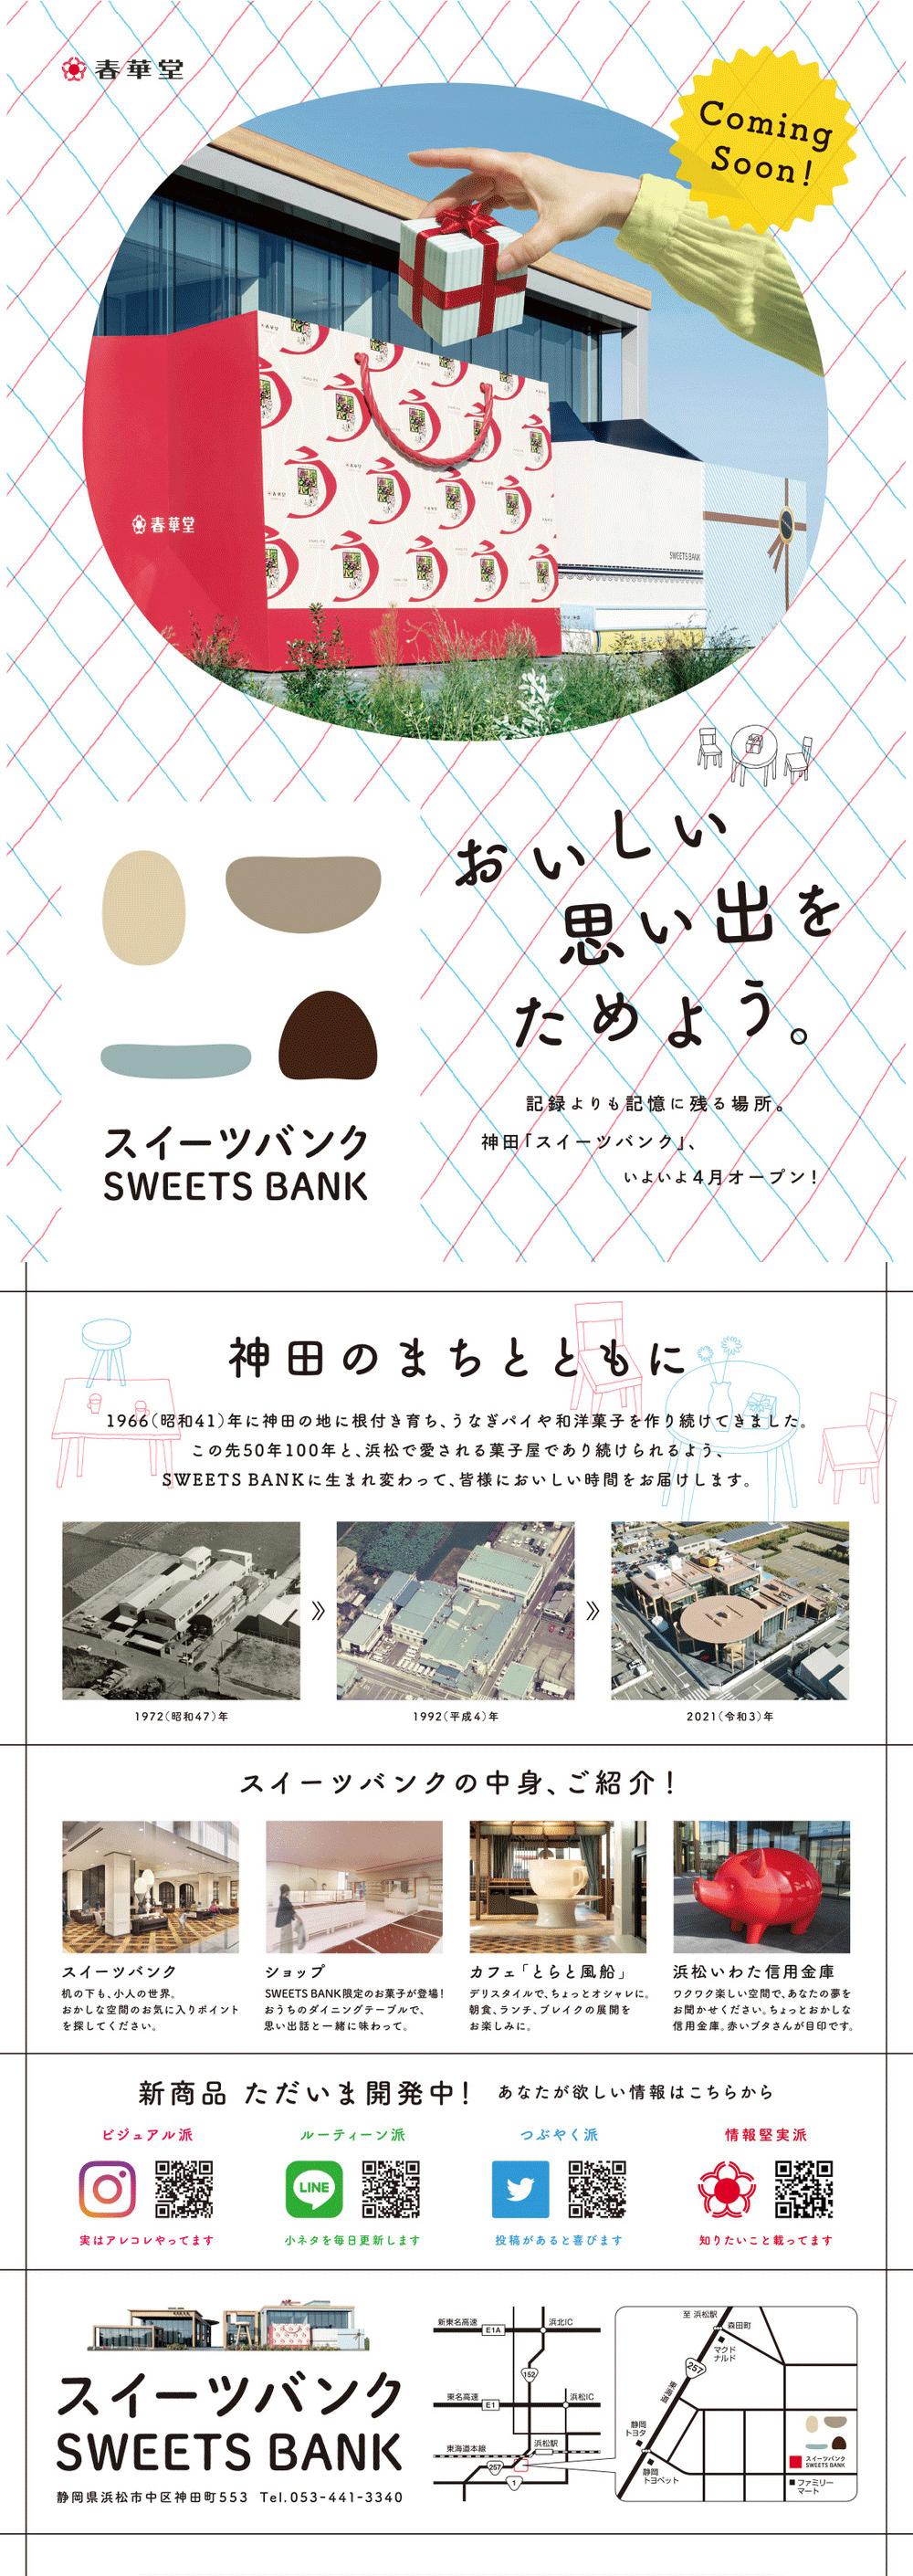 NEWS_image_PC_sweetsbankOPEN_20210305.jpg